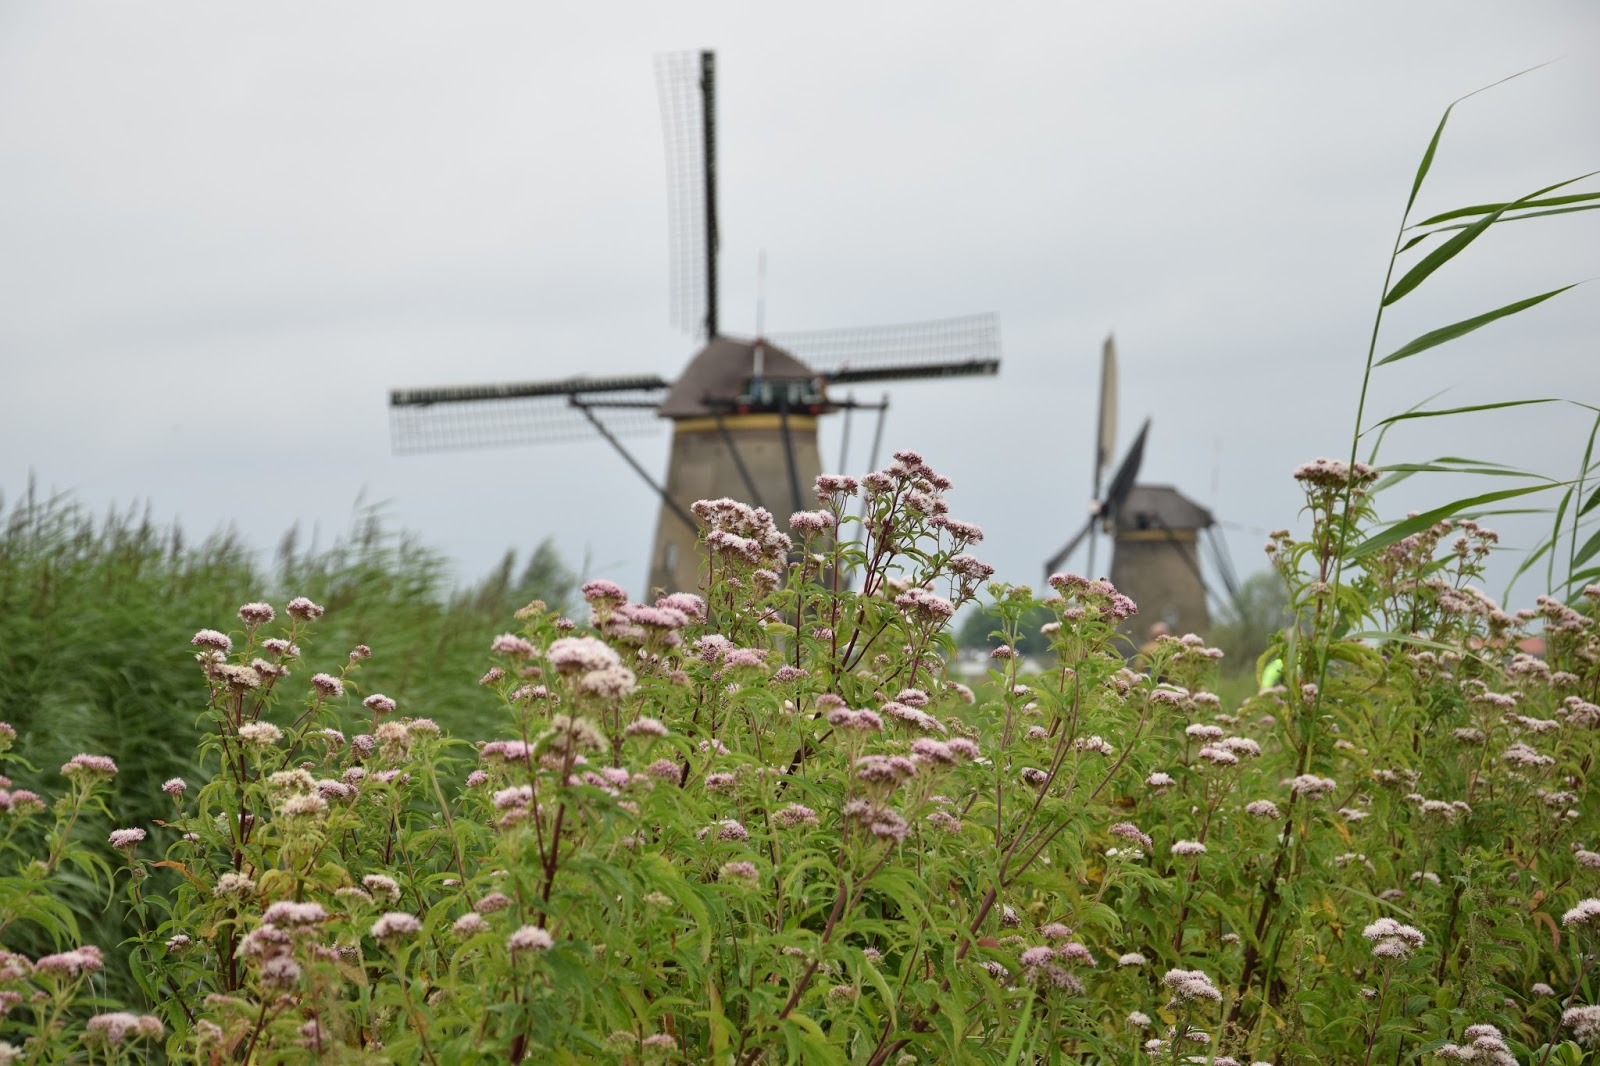 Holandia wiatrak Kinderdijk